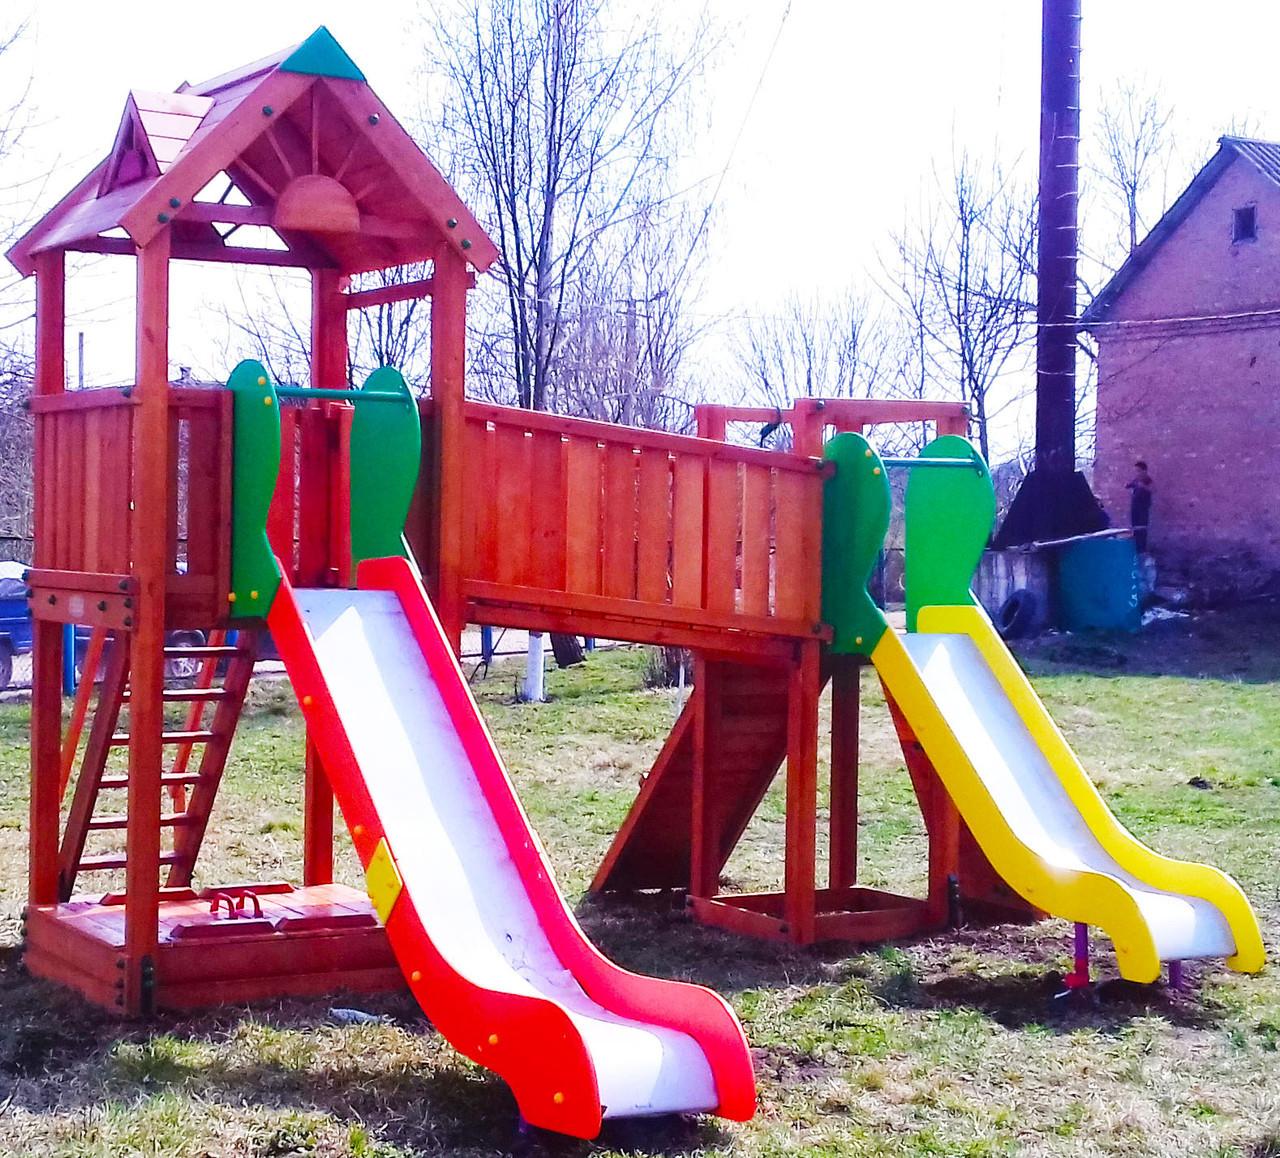 Дитячий майданчик Spielplatz Томас Бруклини з лазами і двома залізними гірками